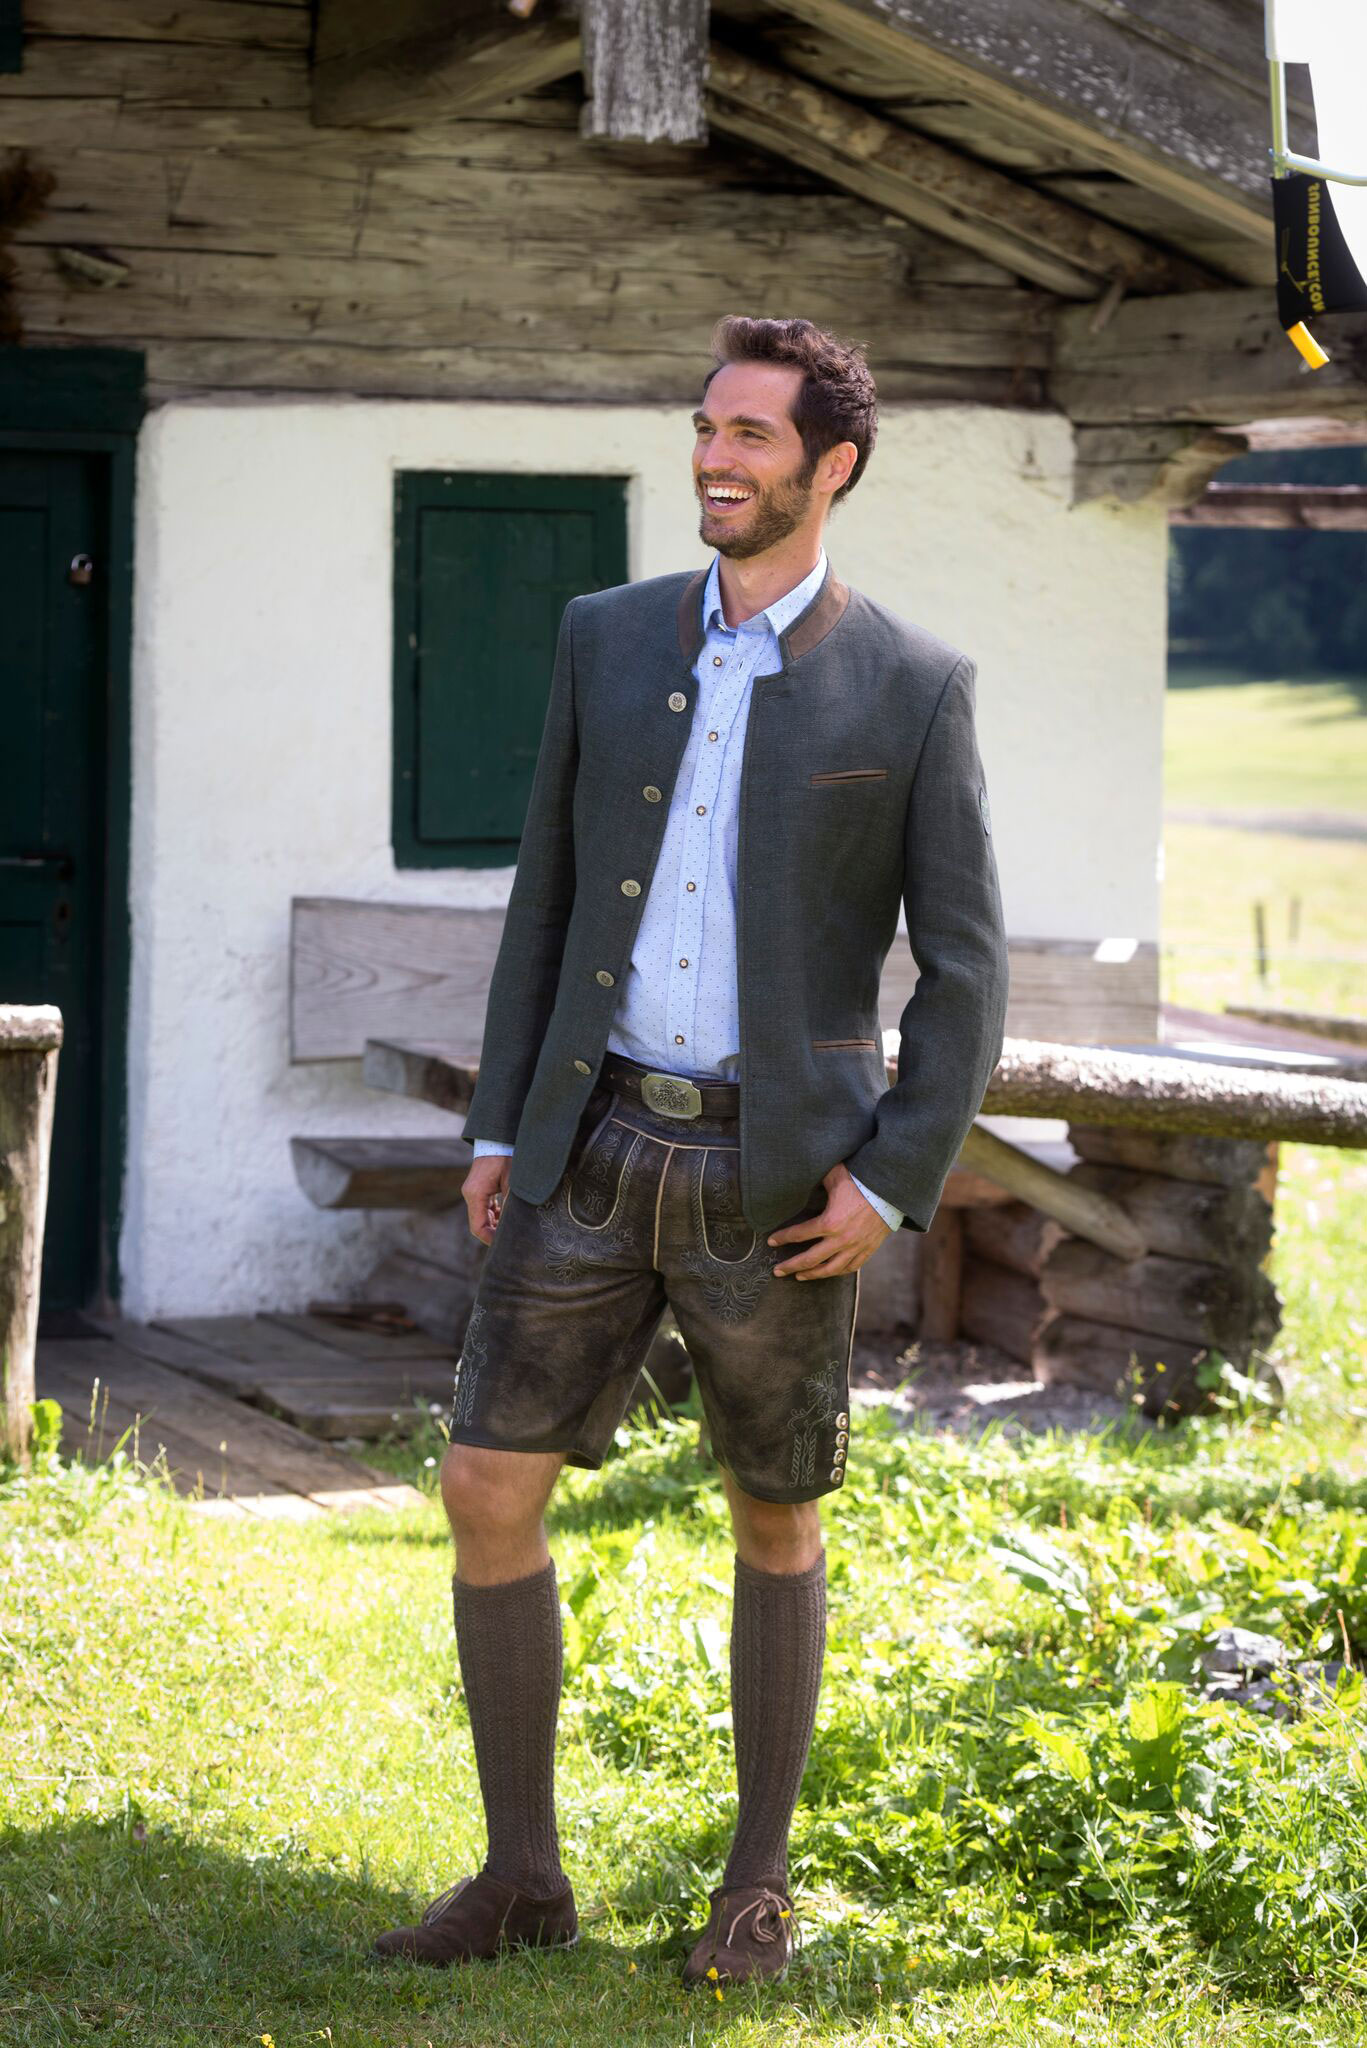 Lodenfrey Herren Trachten-Mode Trachtenjanker Josef in Anthrazit traditionell